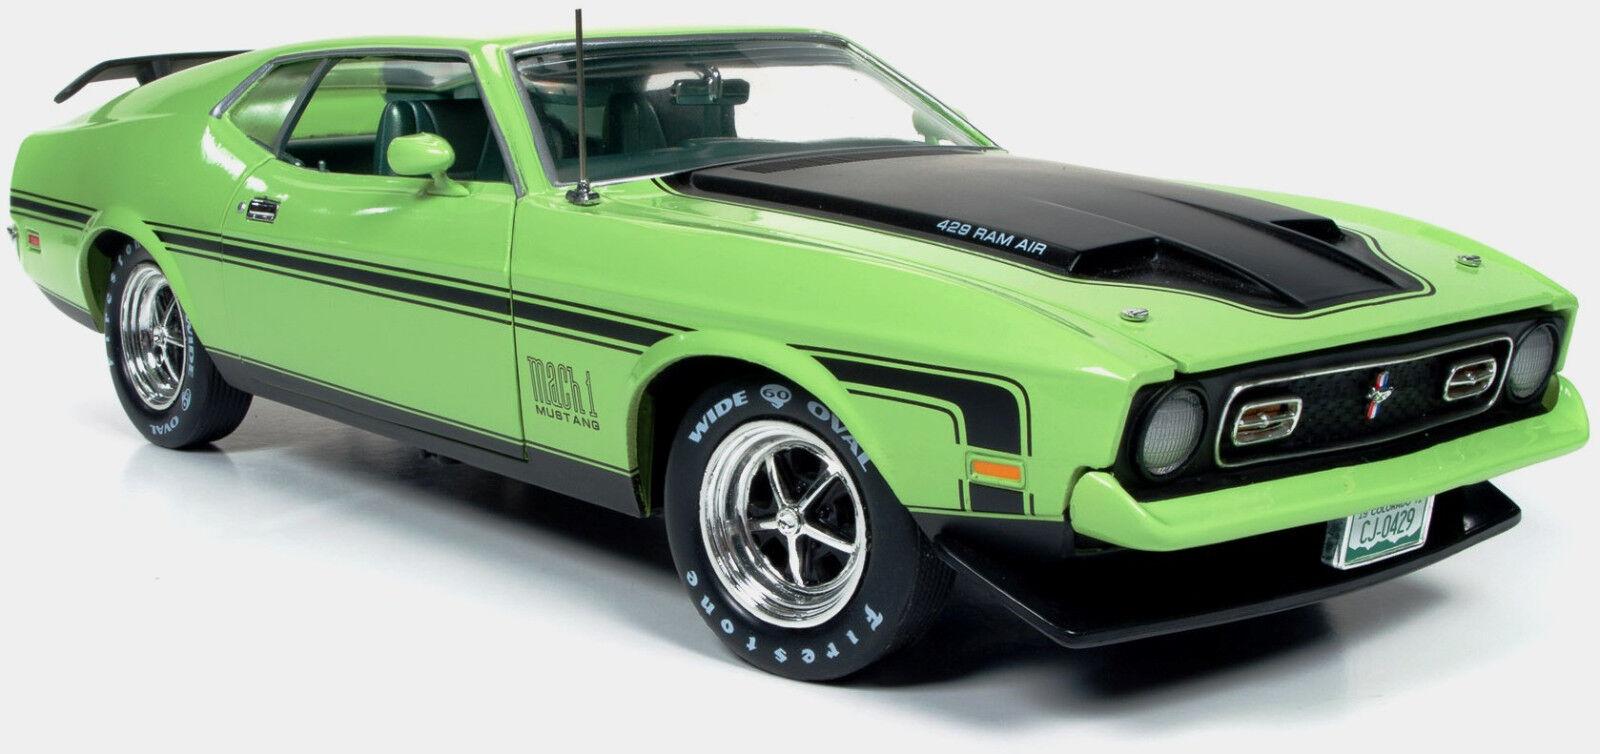 FORD MUSTANG 1971 Mach 1 Vert  citron 1 18 Auto World 1069  produit de qualité d'approvisionnement